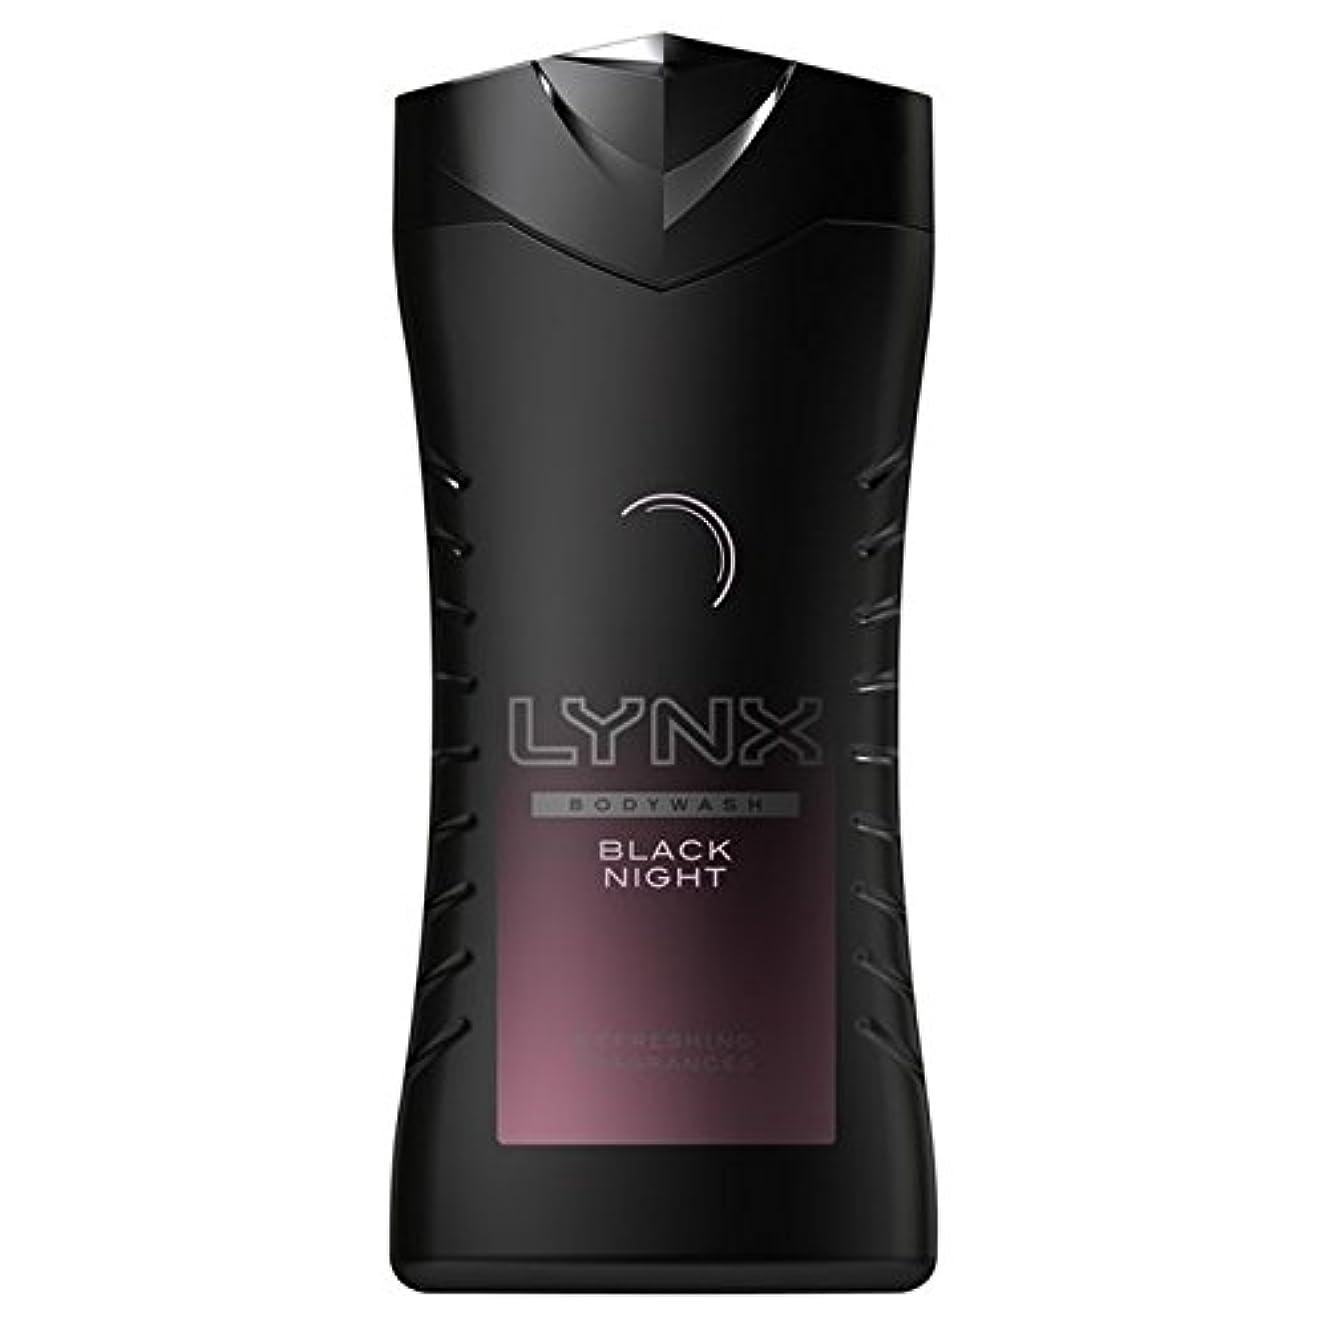 フェローシップ洪水優しいオオヤマネコ黒夜シャワージェル250ミリリットル x2 - Lynx Black Night Shower Gel 250ml (Pack of 2) [並行輸入品]